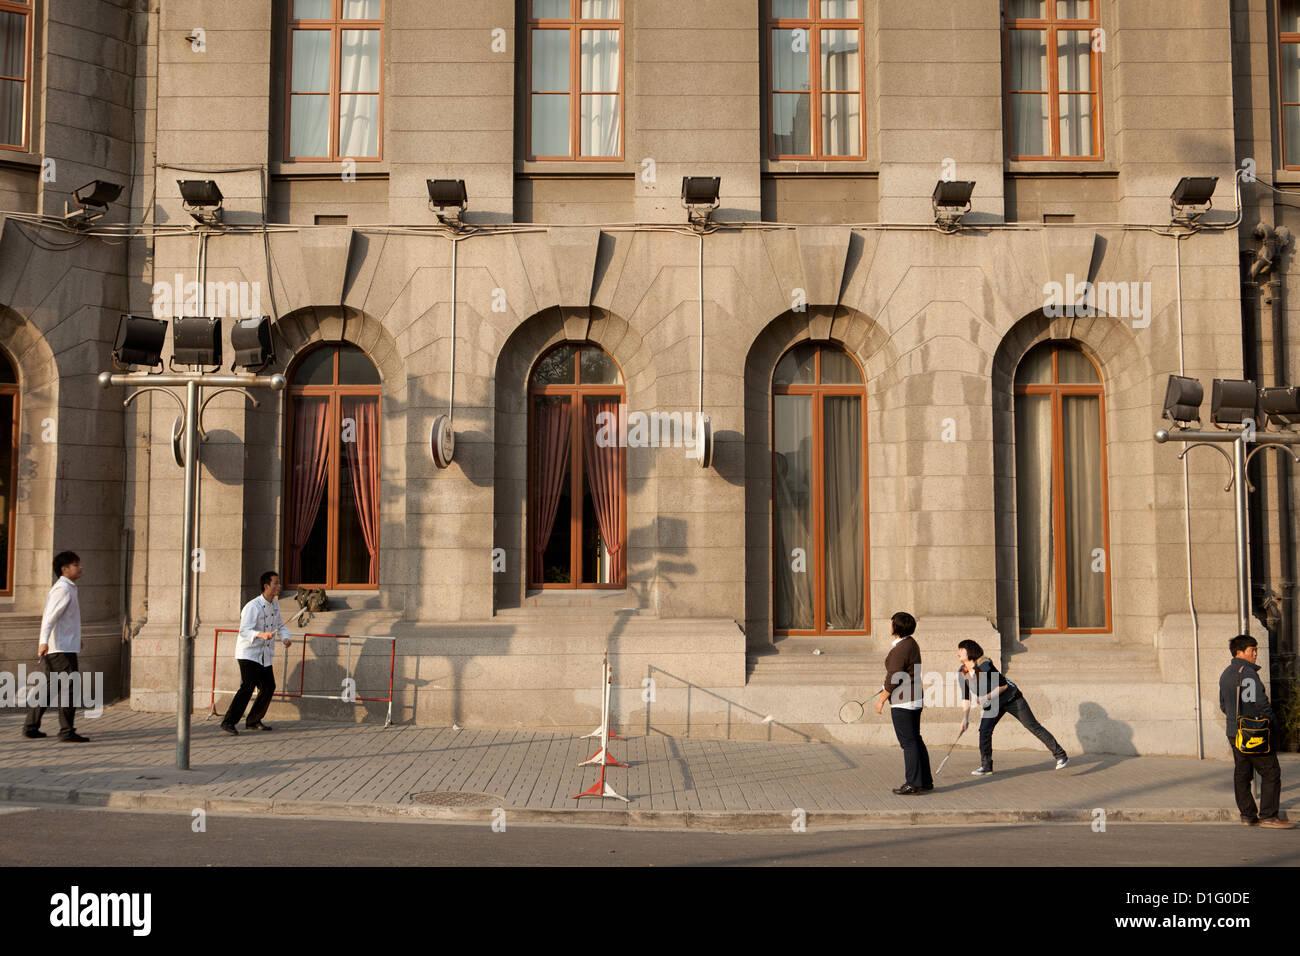 Las personas jugar al bádminton en la calle en Shanghai. China 2009 Imagen De Stock